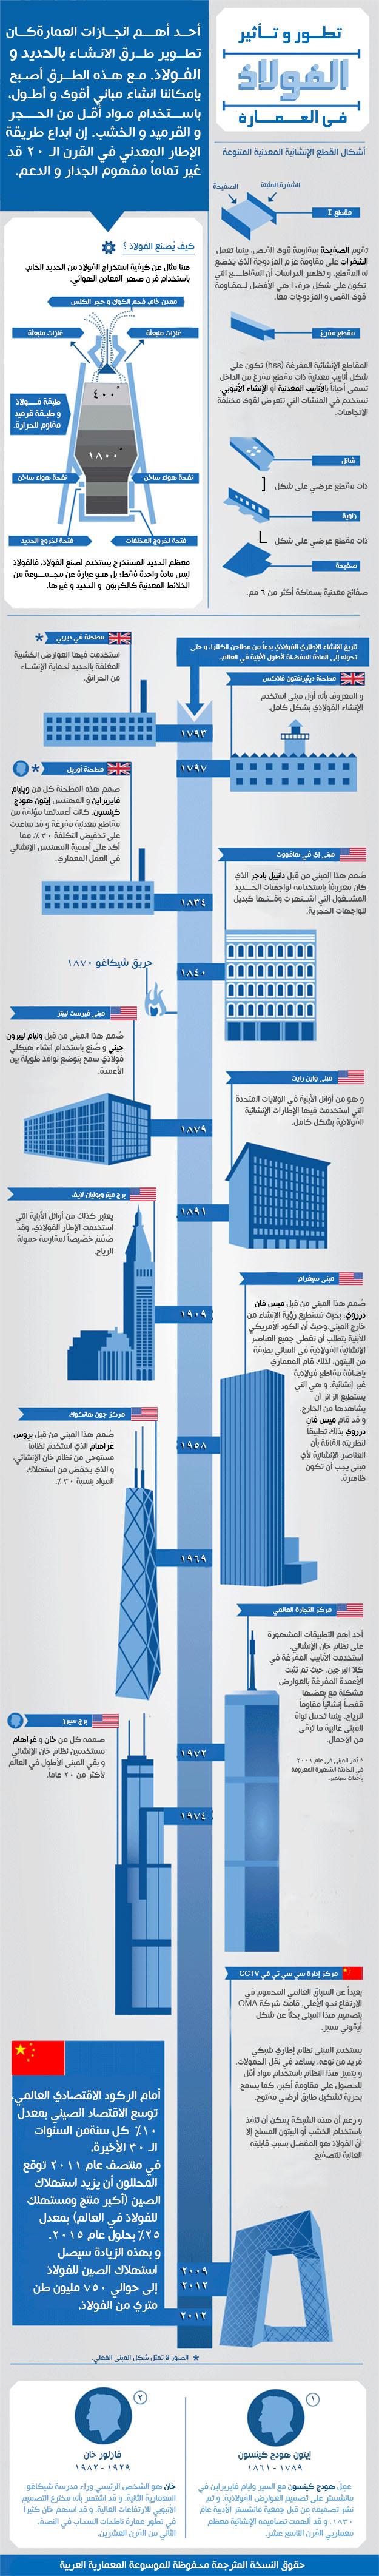 تاريخ الإنشاء المعدني الفولاذي